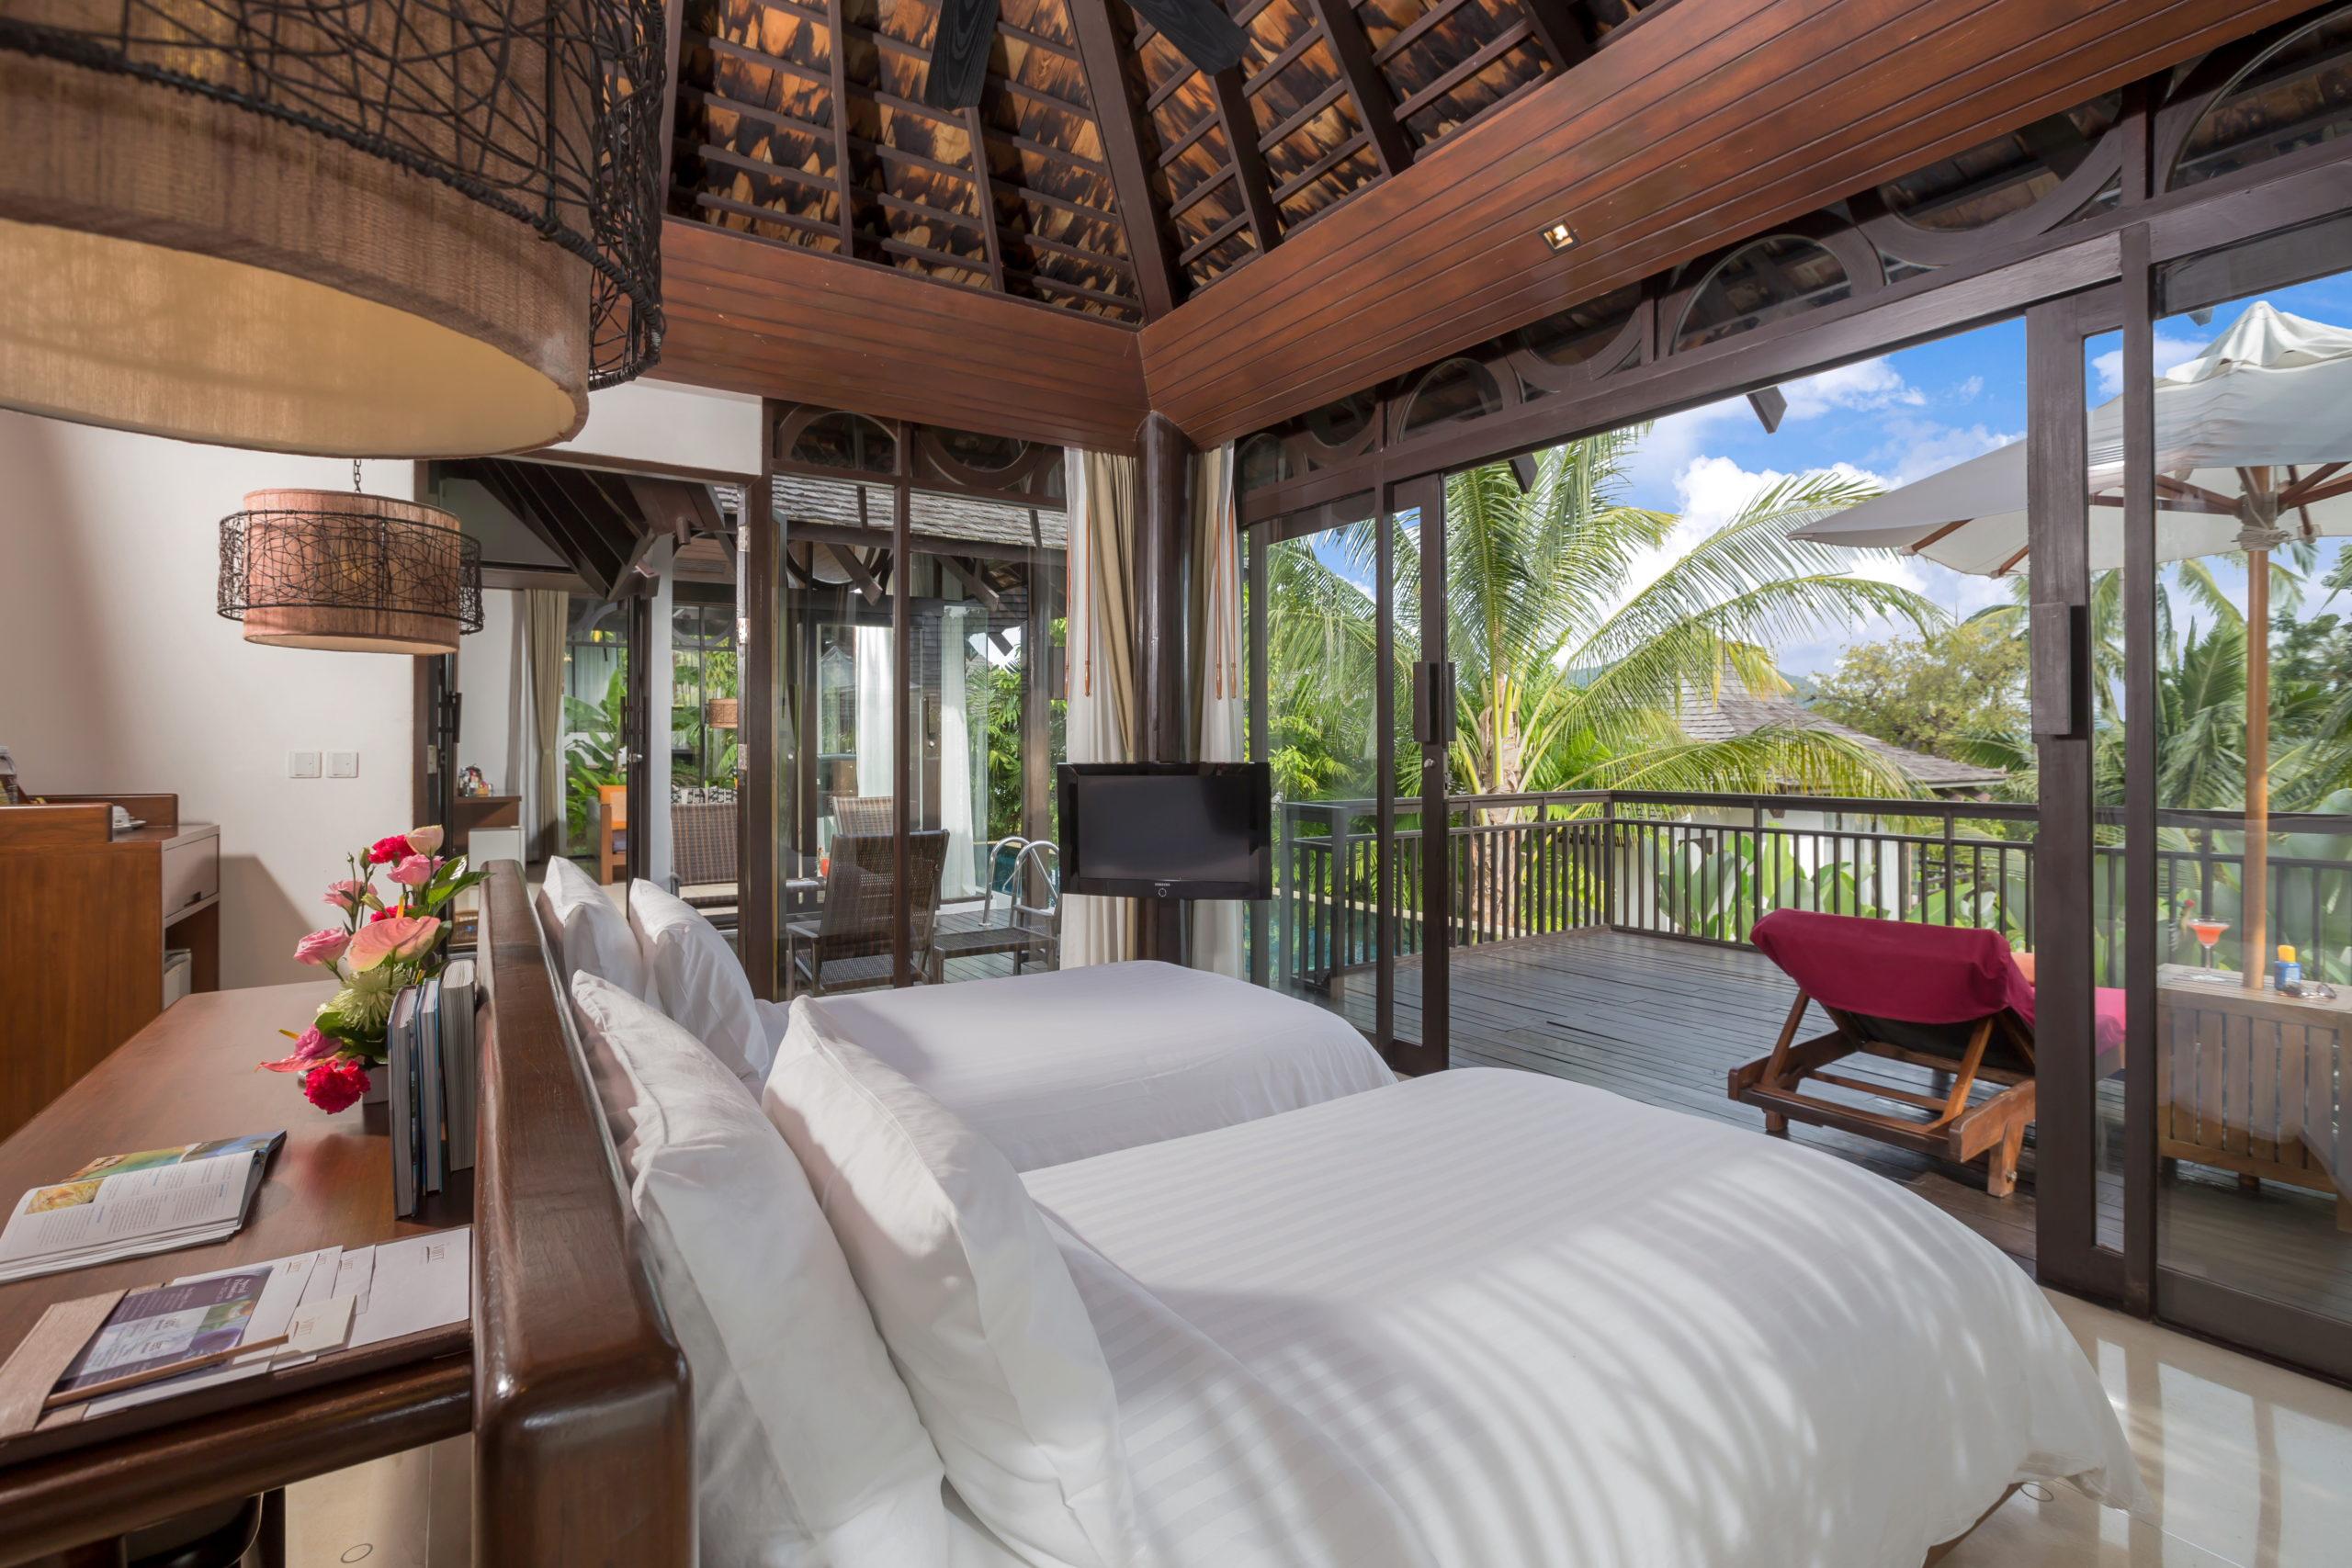 012_Two-Bedroom Pool Villa_second bedroom The Vijitt Resort Phuket